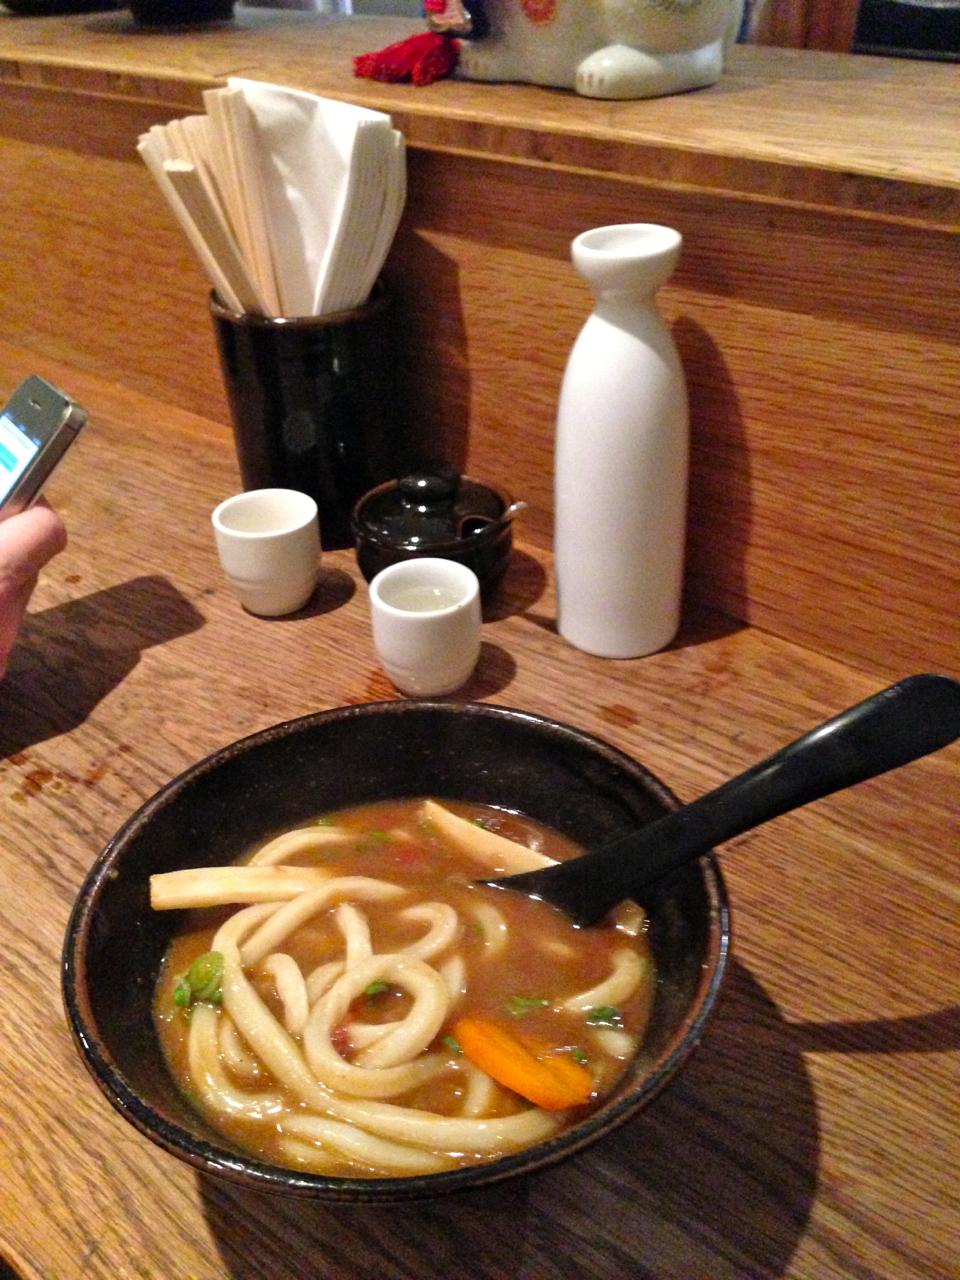 Ficamos tão animados que dividimos mais um Udon de curry...mas foi um pouco demais...